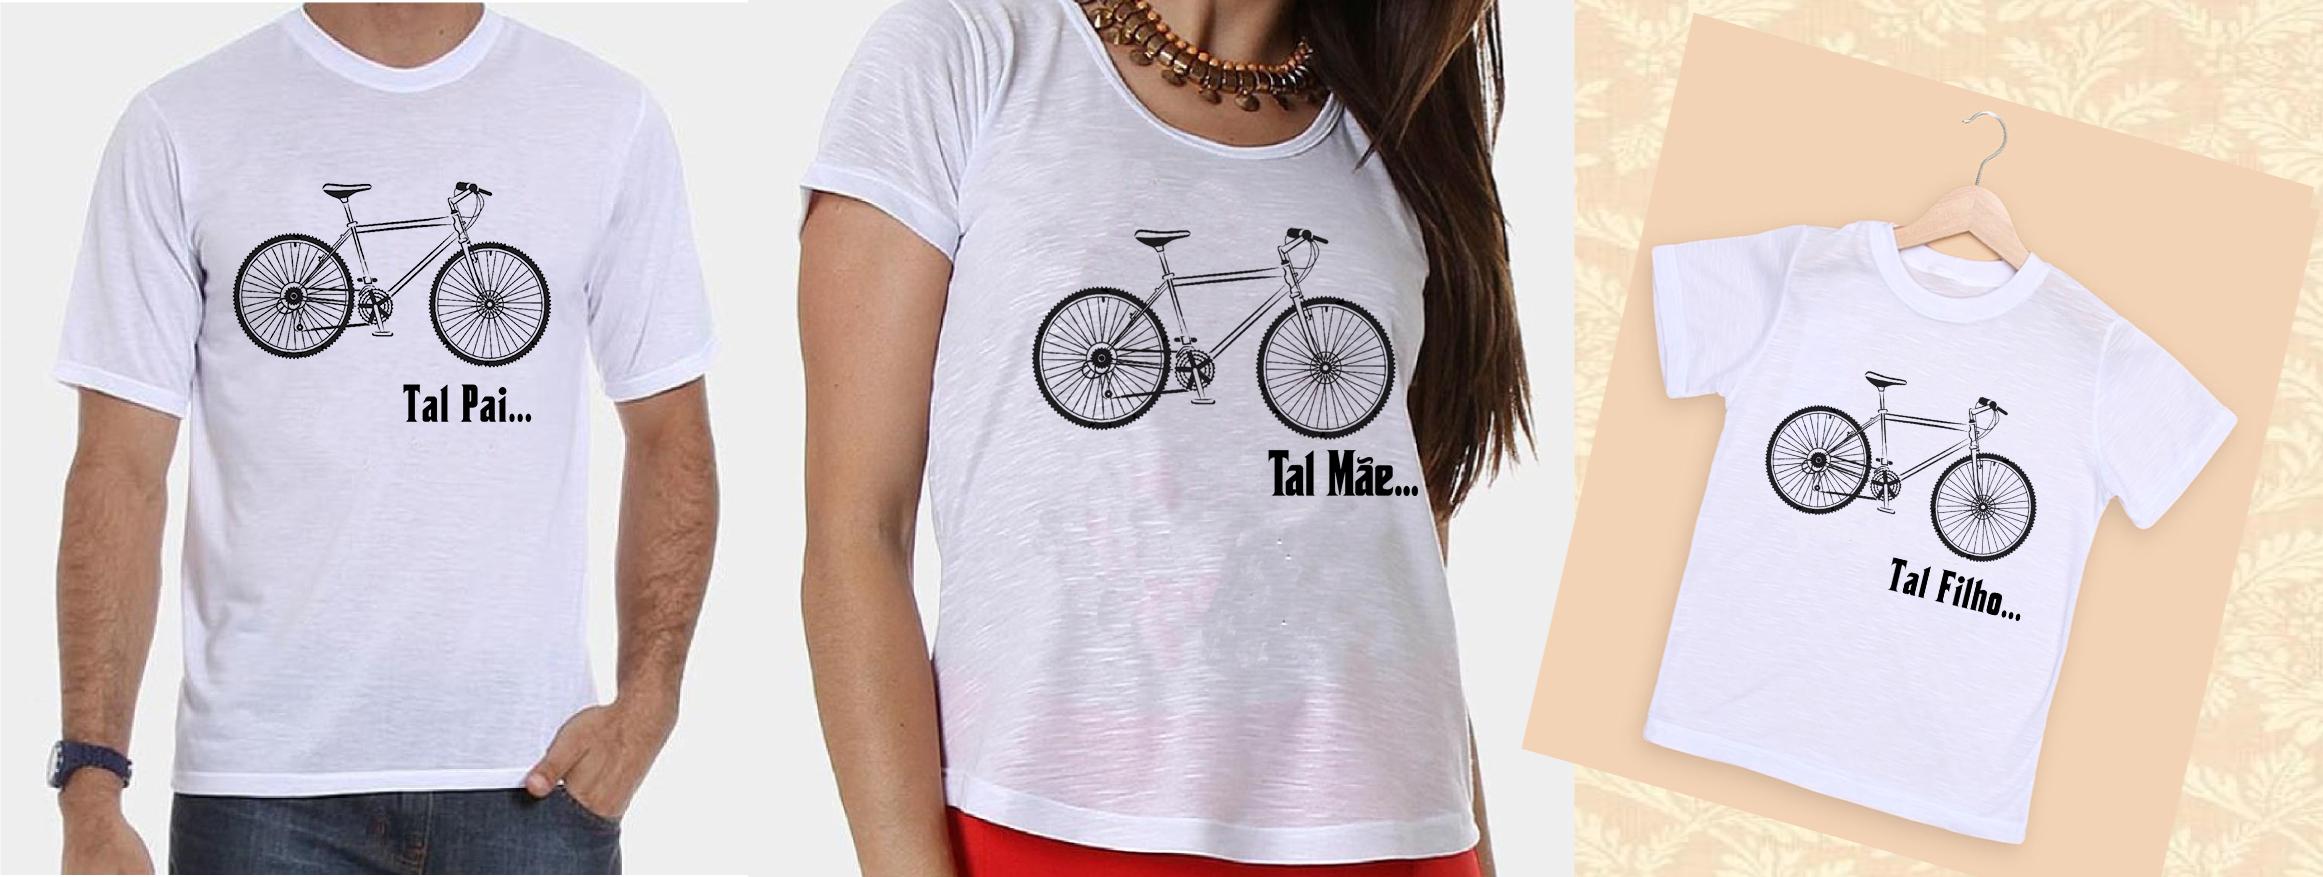 0b7d9cca0 Tal Pai Tal Filho Bike Bicicleta | Elo7